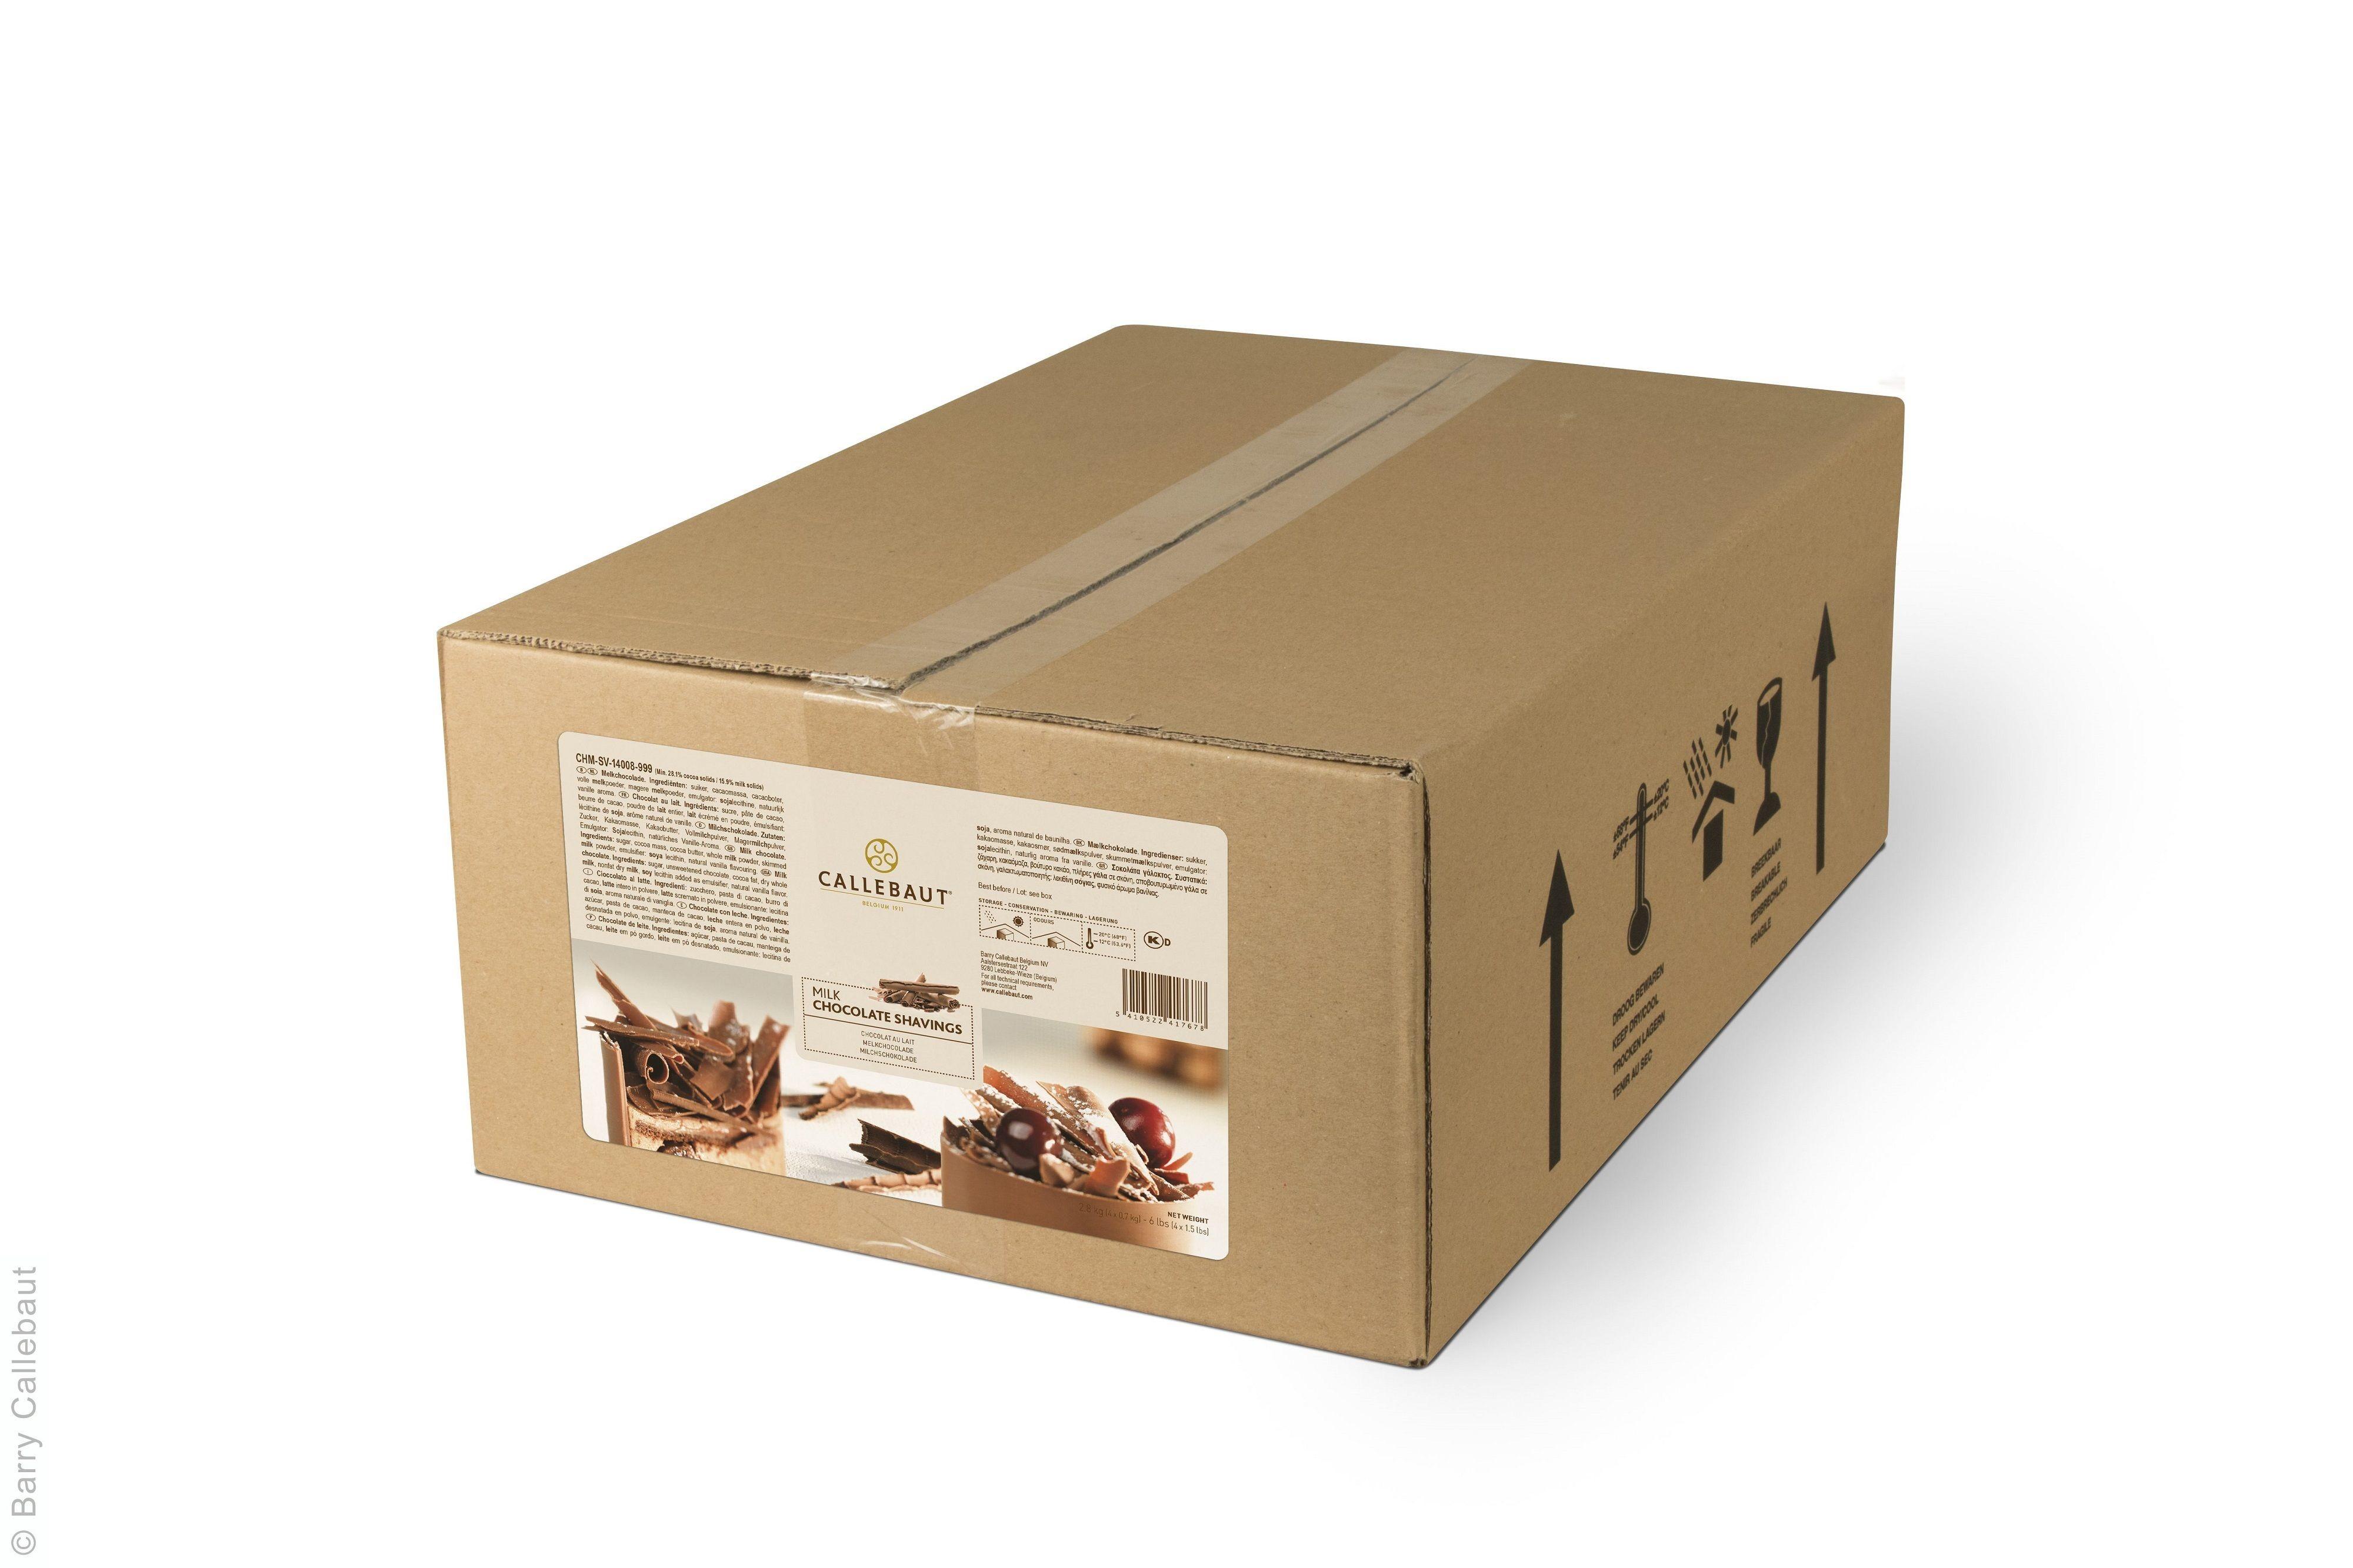 Copeaux de chocolat au lait 2.5kg Callebaut